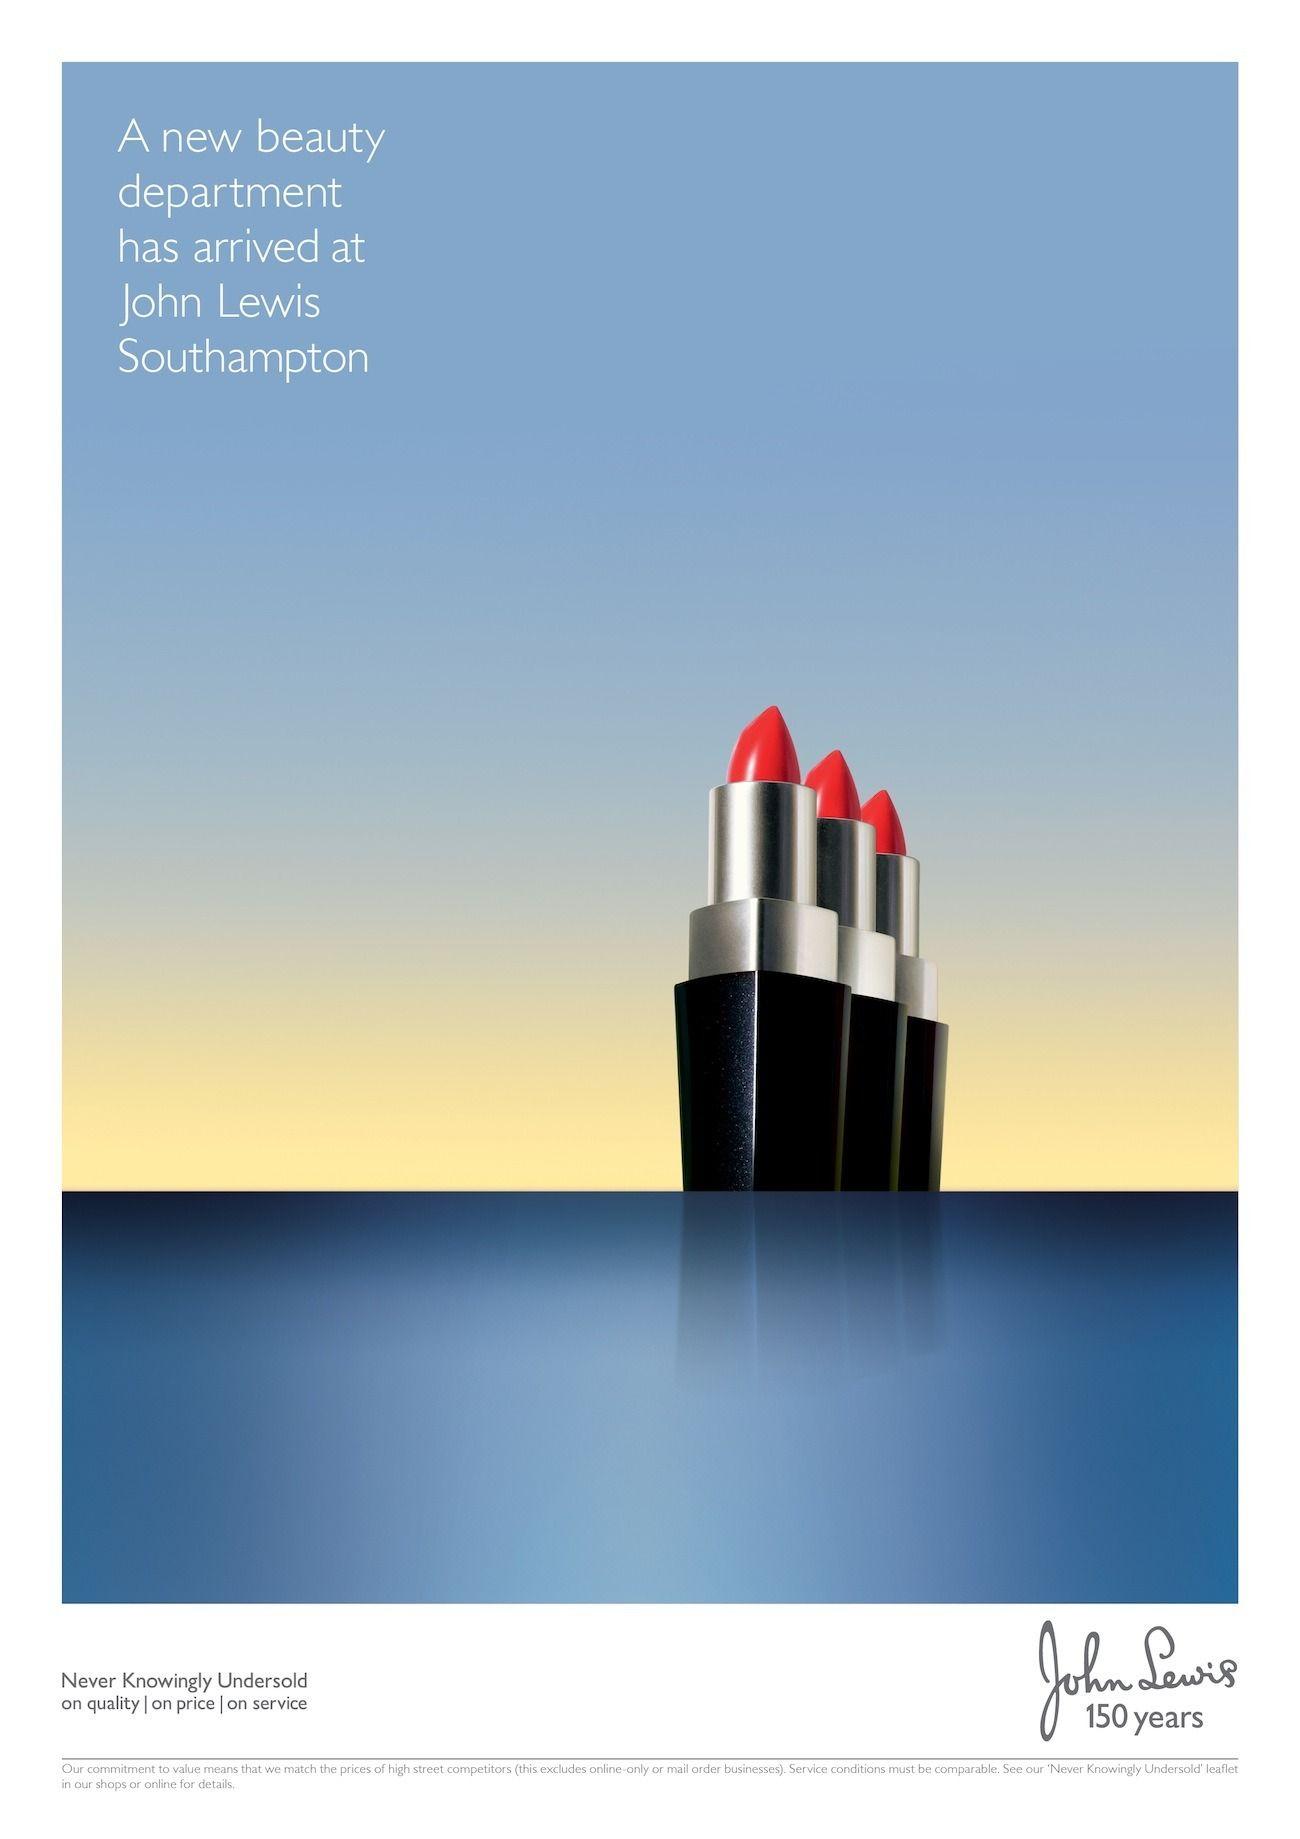 Anzeigenkampagne für das Kaufhaus John Lewis in der Hafenstadt Southhampton.